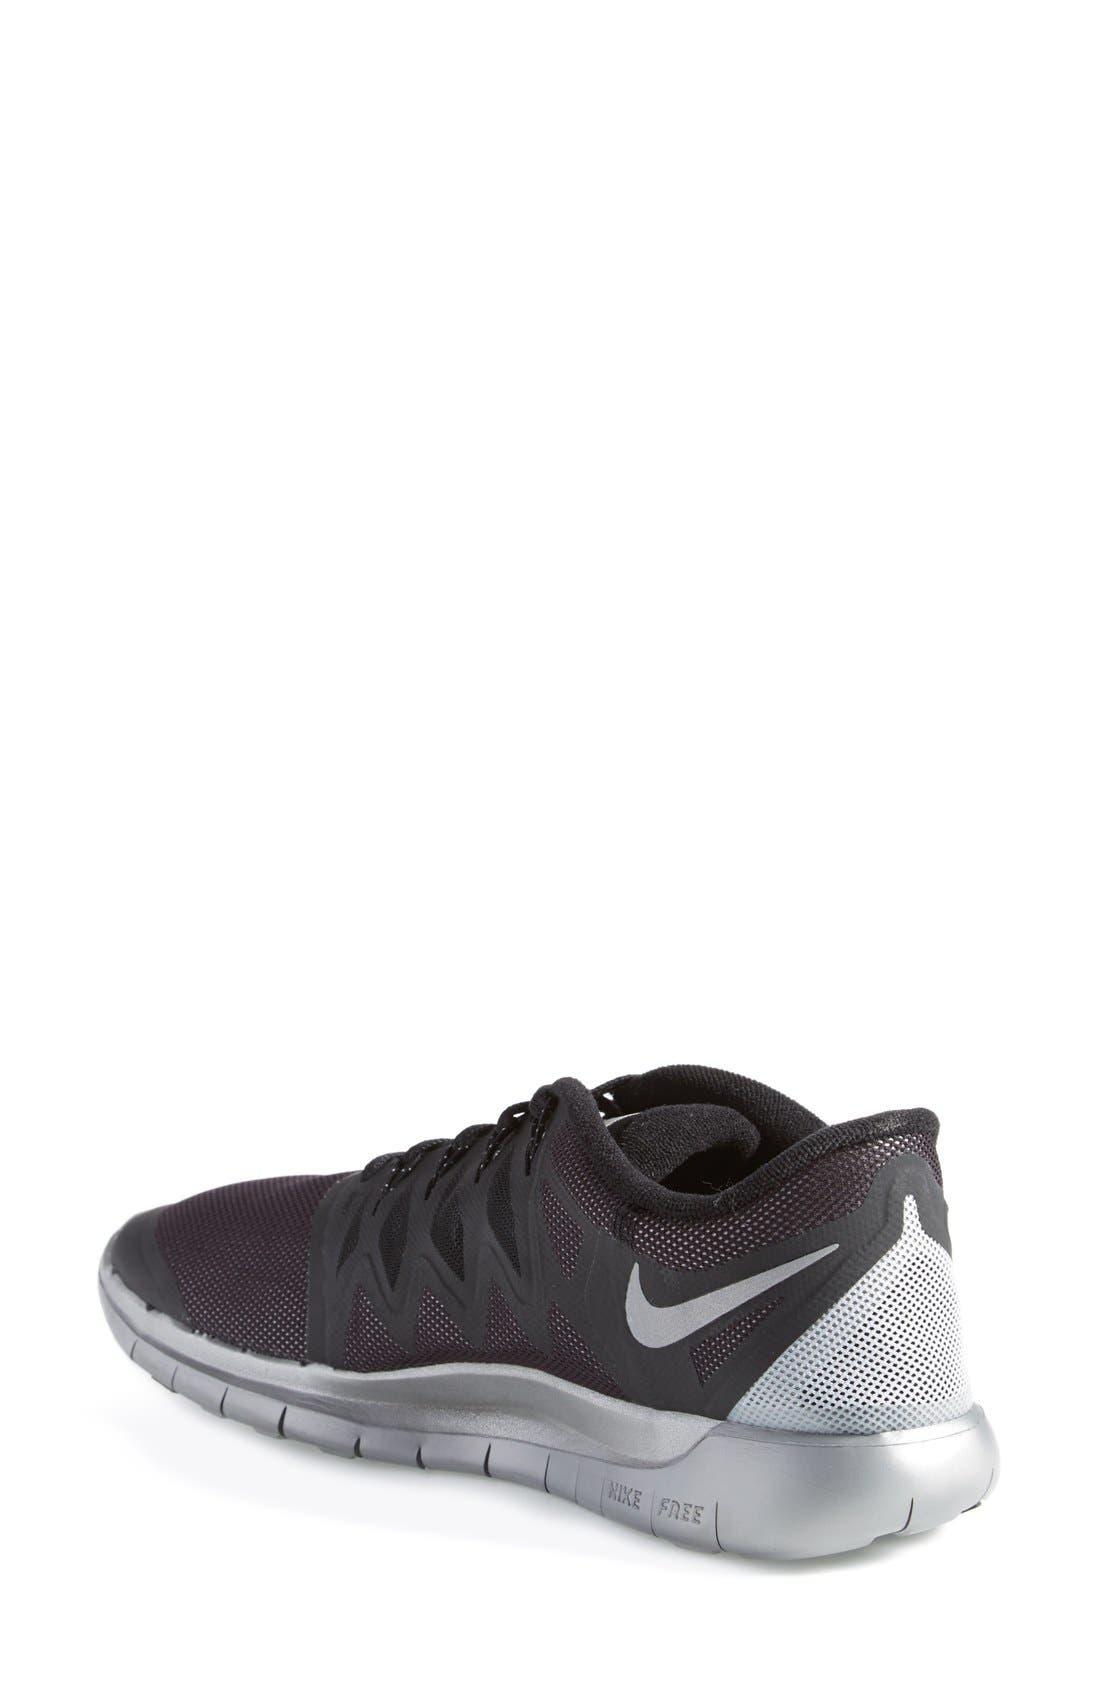 Alternate Image 2  - Nike 'Free 5.0 Flash' Running Shoe (Women)